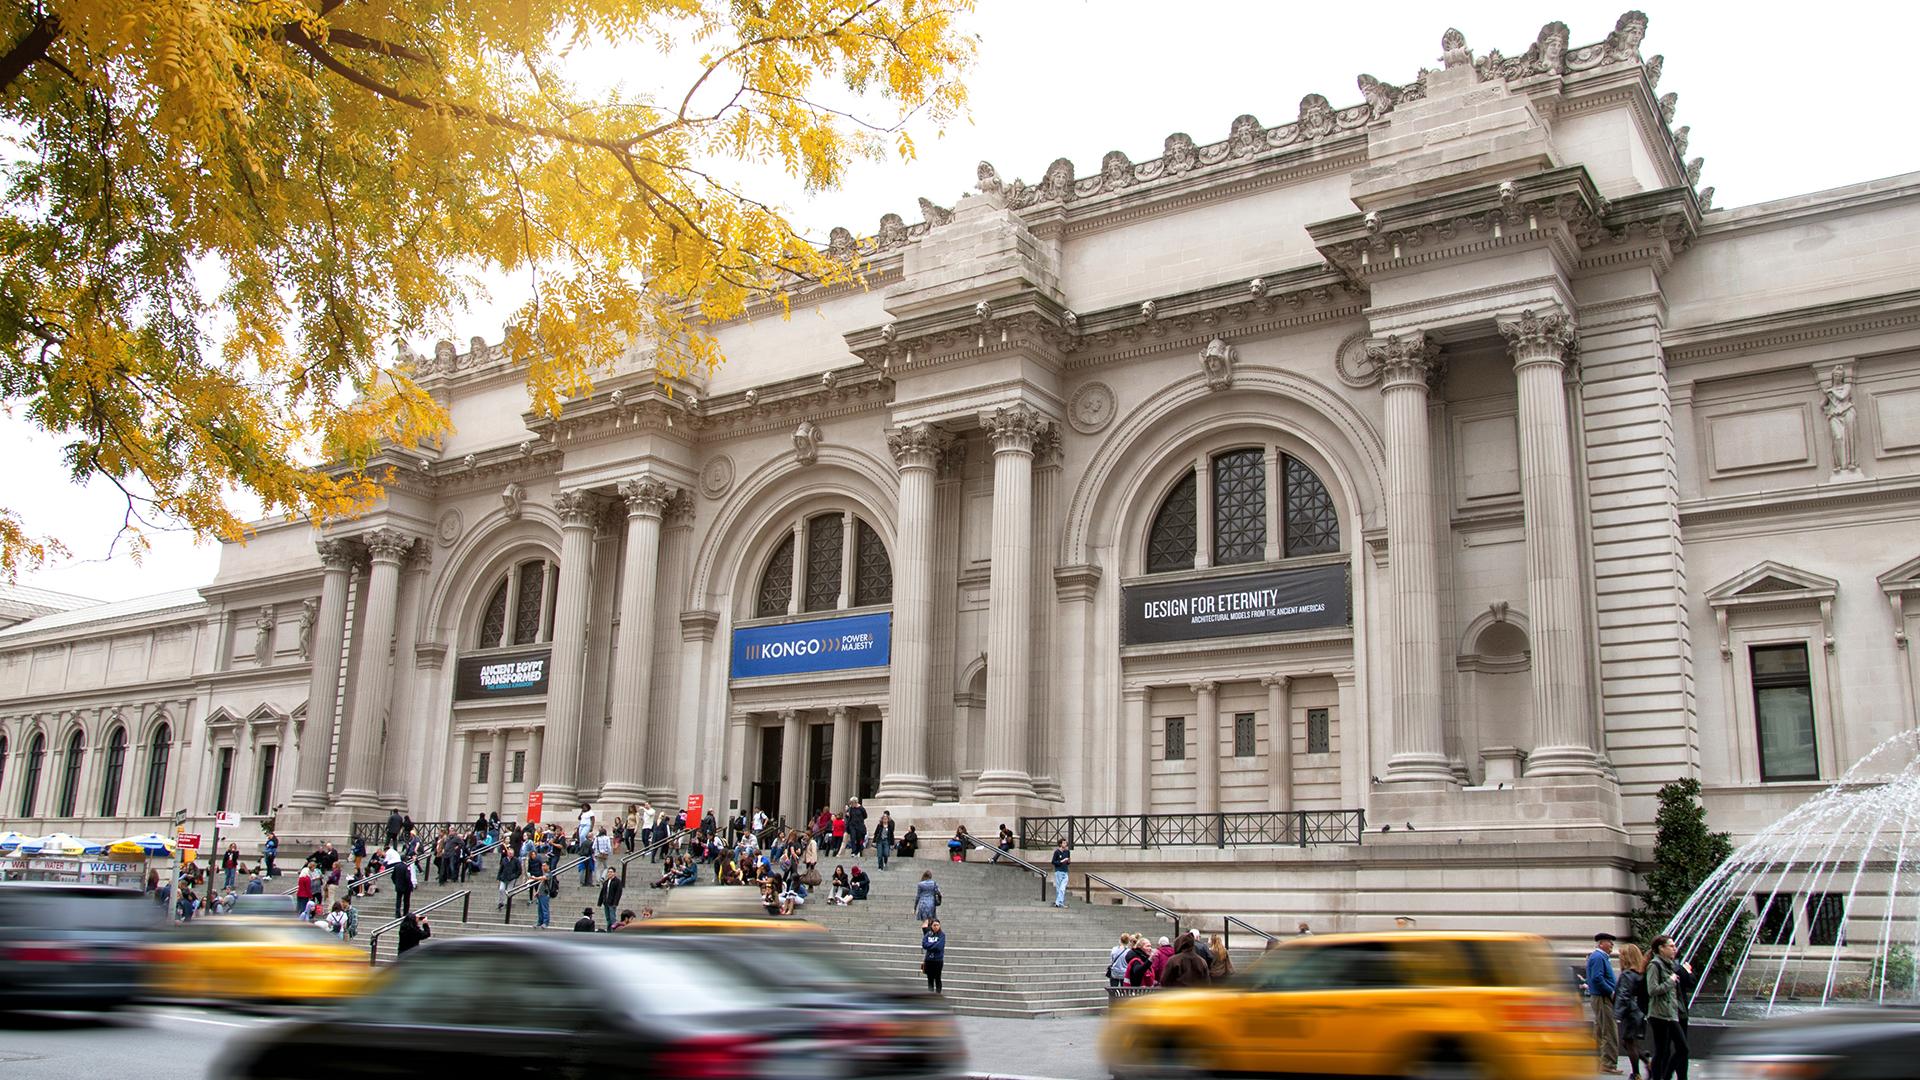 Nueva York es sin duda un centro financiero, cultural y artístico sin precedentes, dentro de la dinámica de la globalización